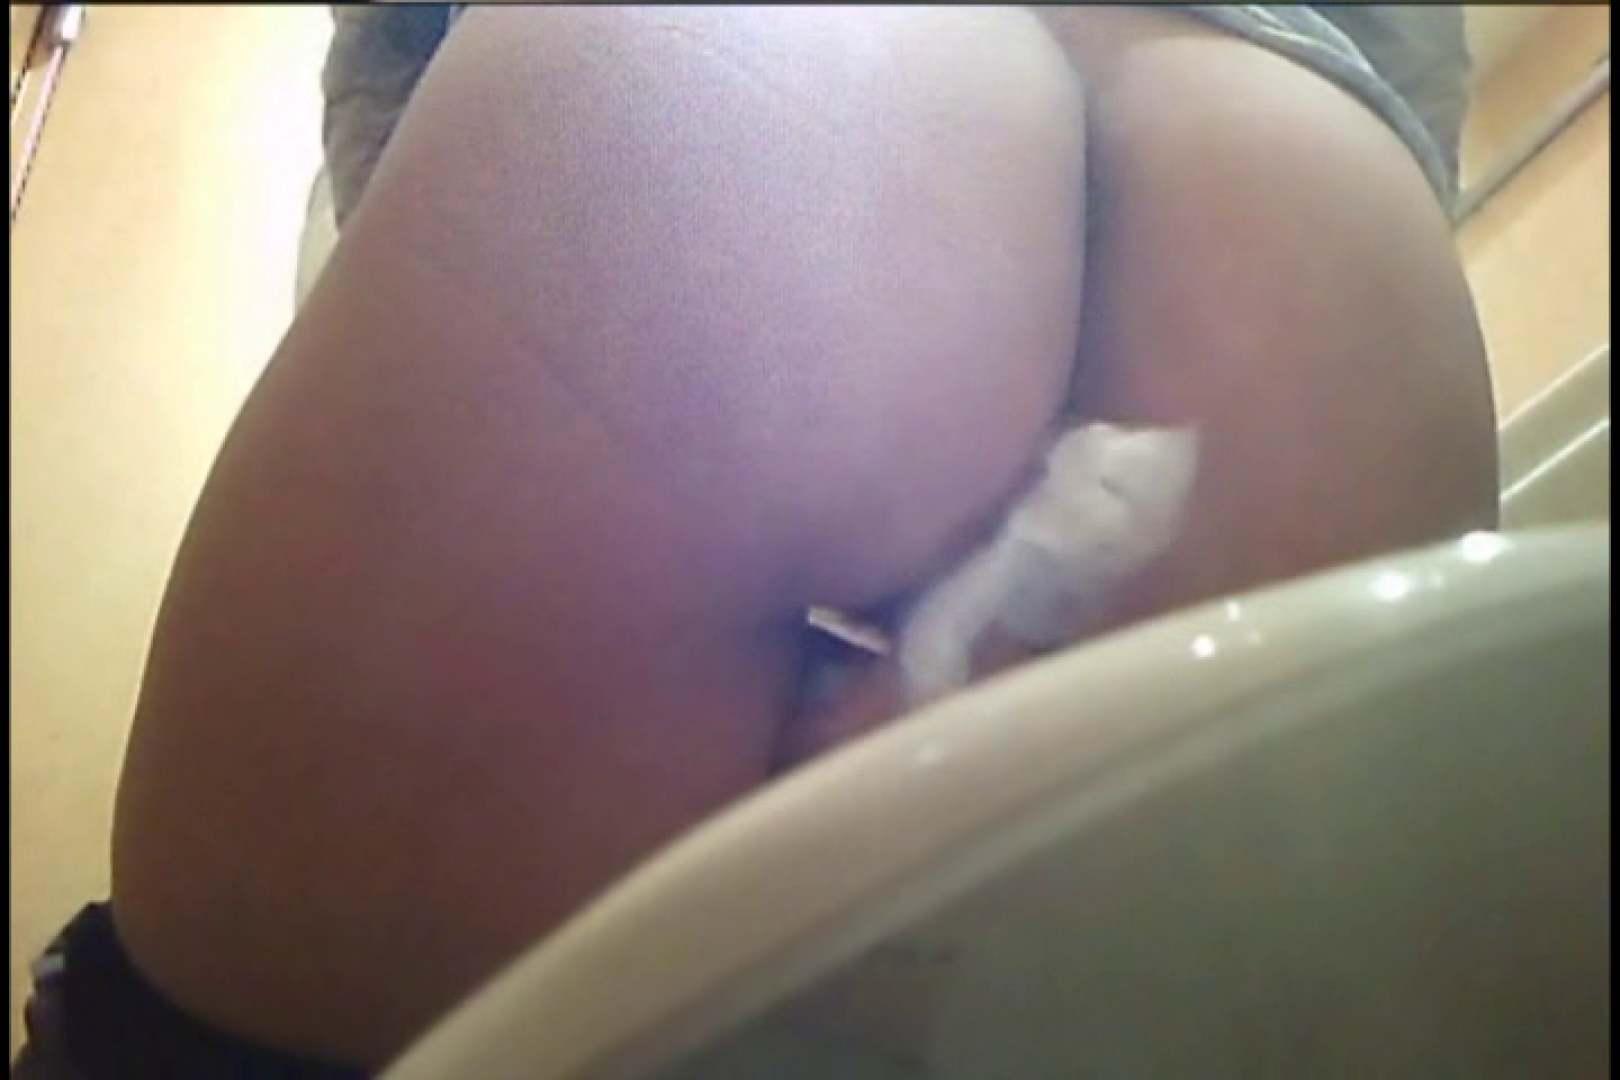 実録!熟女の用の足し方を覗く!! Vol.03 洗面所 | ナプキン  89pic 13